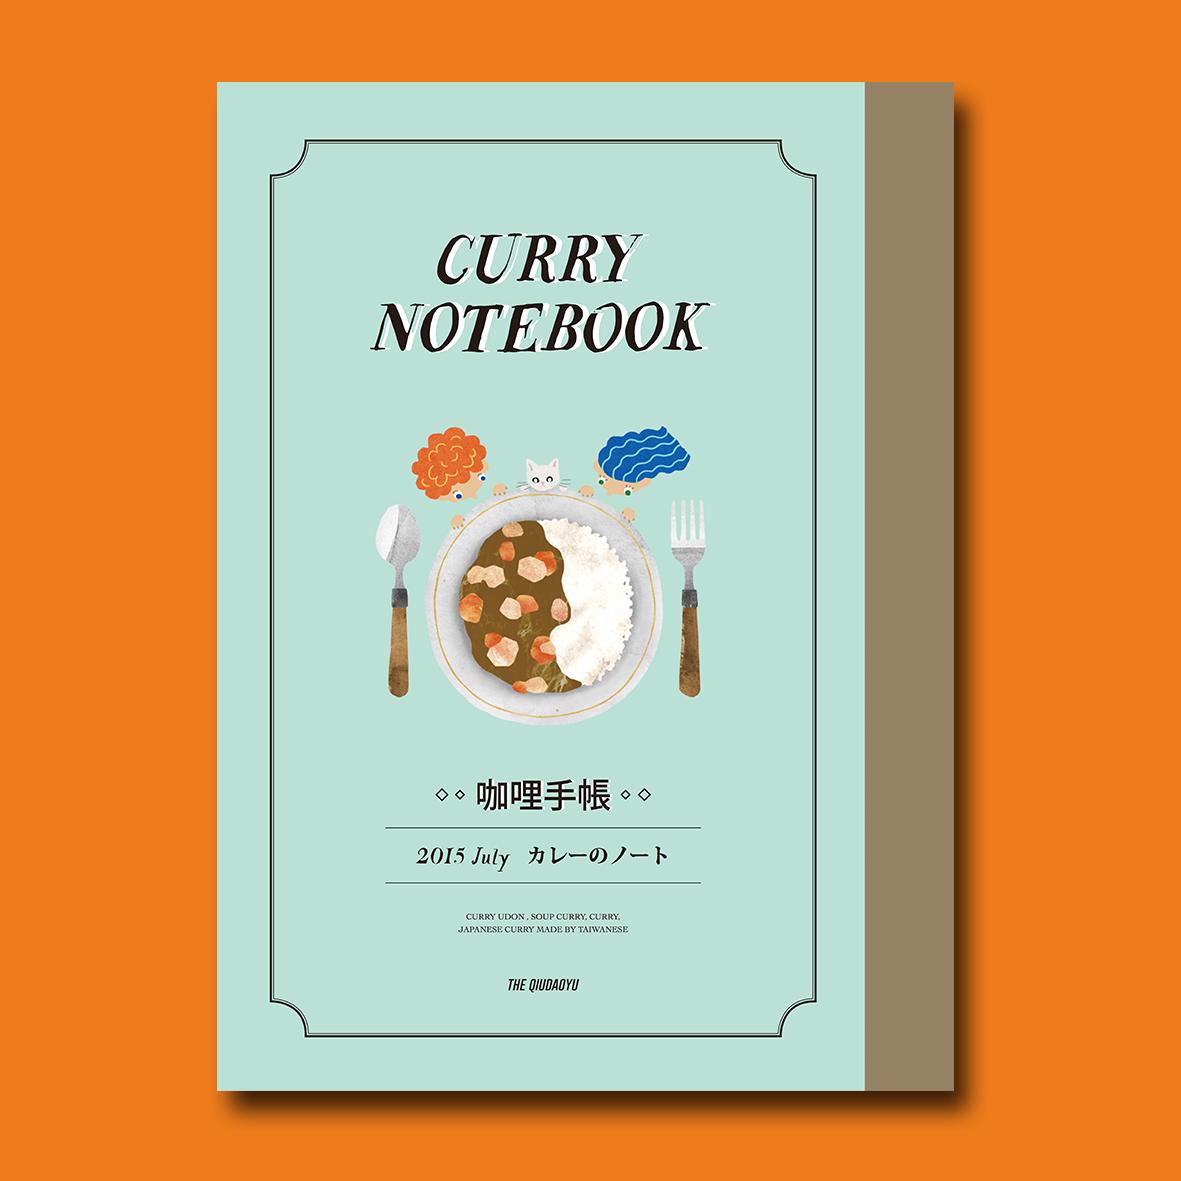 第4期《秋刀魚》特別企劃「咖哩手帳」,手帳封面公開!